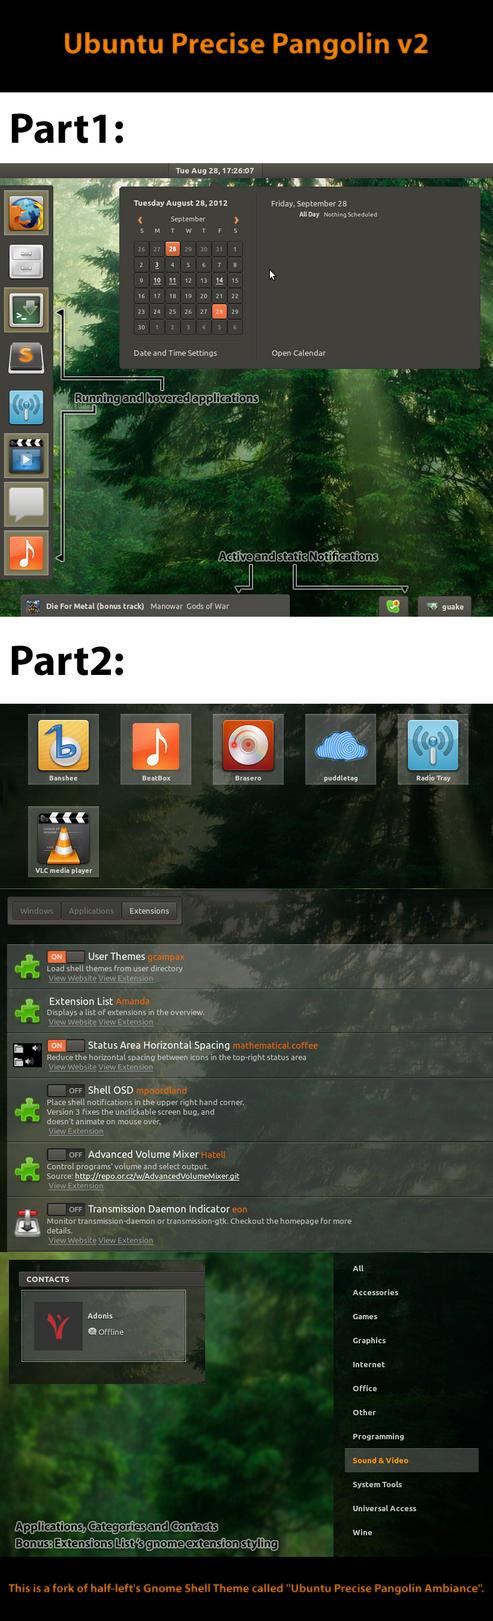 Ubuntu Precise Pangolin - Ambiance 2 by AKLP